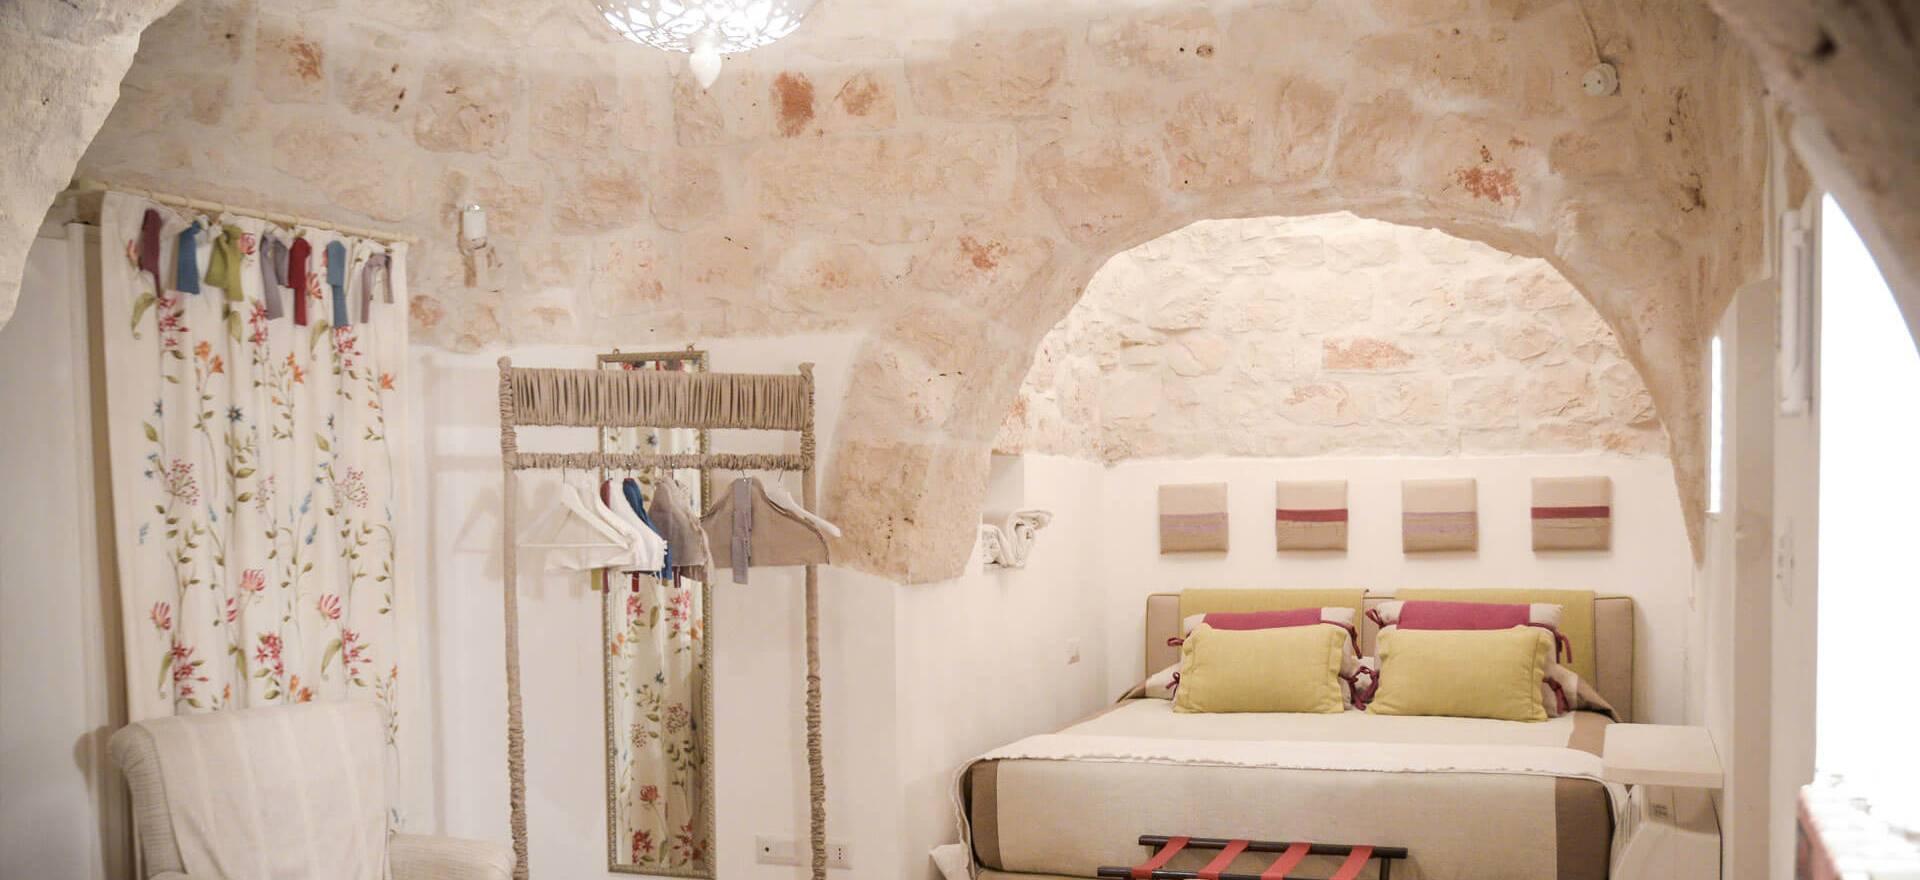 Agriturismo Puglia Southern Italian hospitality in beautiful trulli